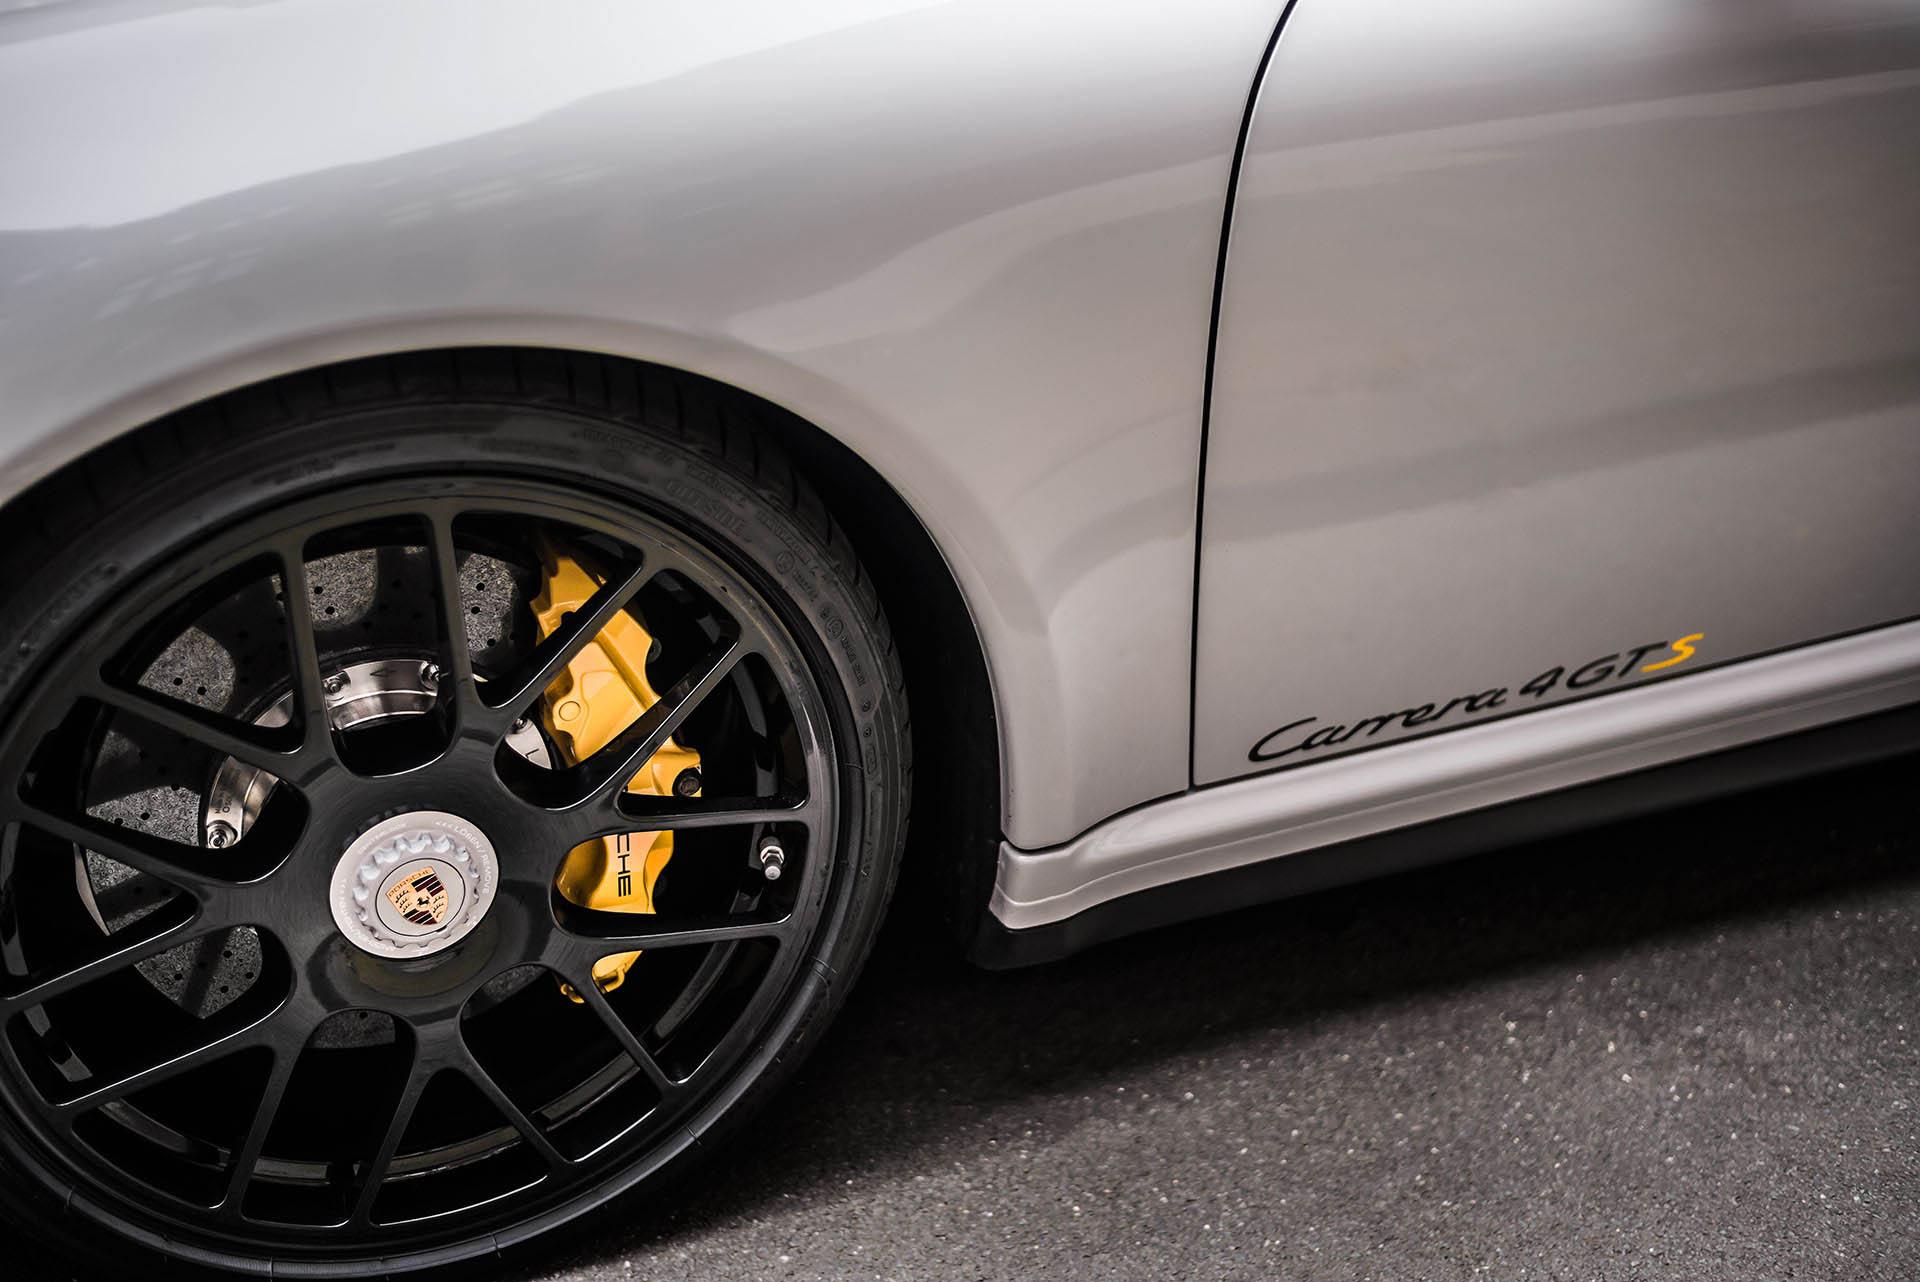 B&K_Sportwagen_Rheinland_GmbH_Porsche_997_4GTS_grau_3